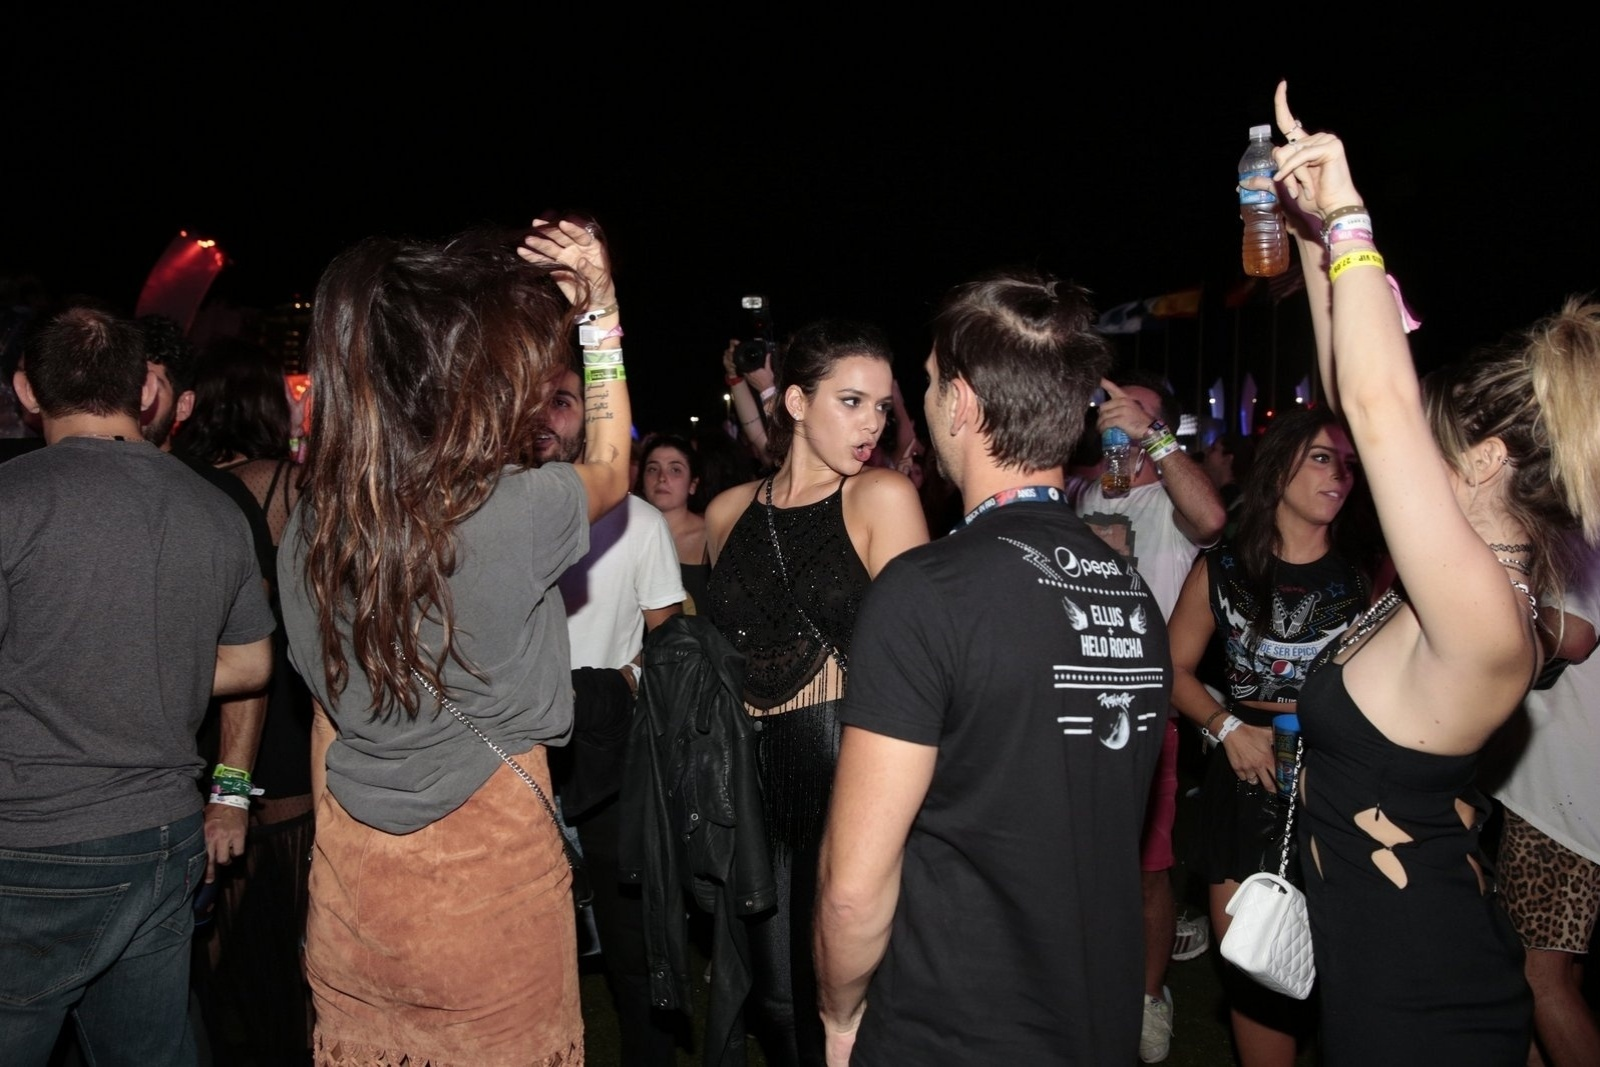 27.set.2015 - Bruna Marquezine e Thaila Ayala (de costas) dançam ao som de Katy Perry no último dia de Rock in Rio